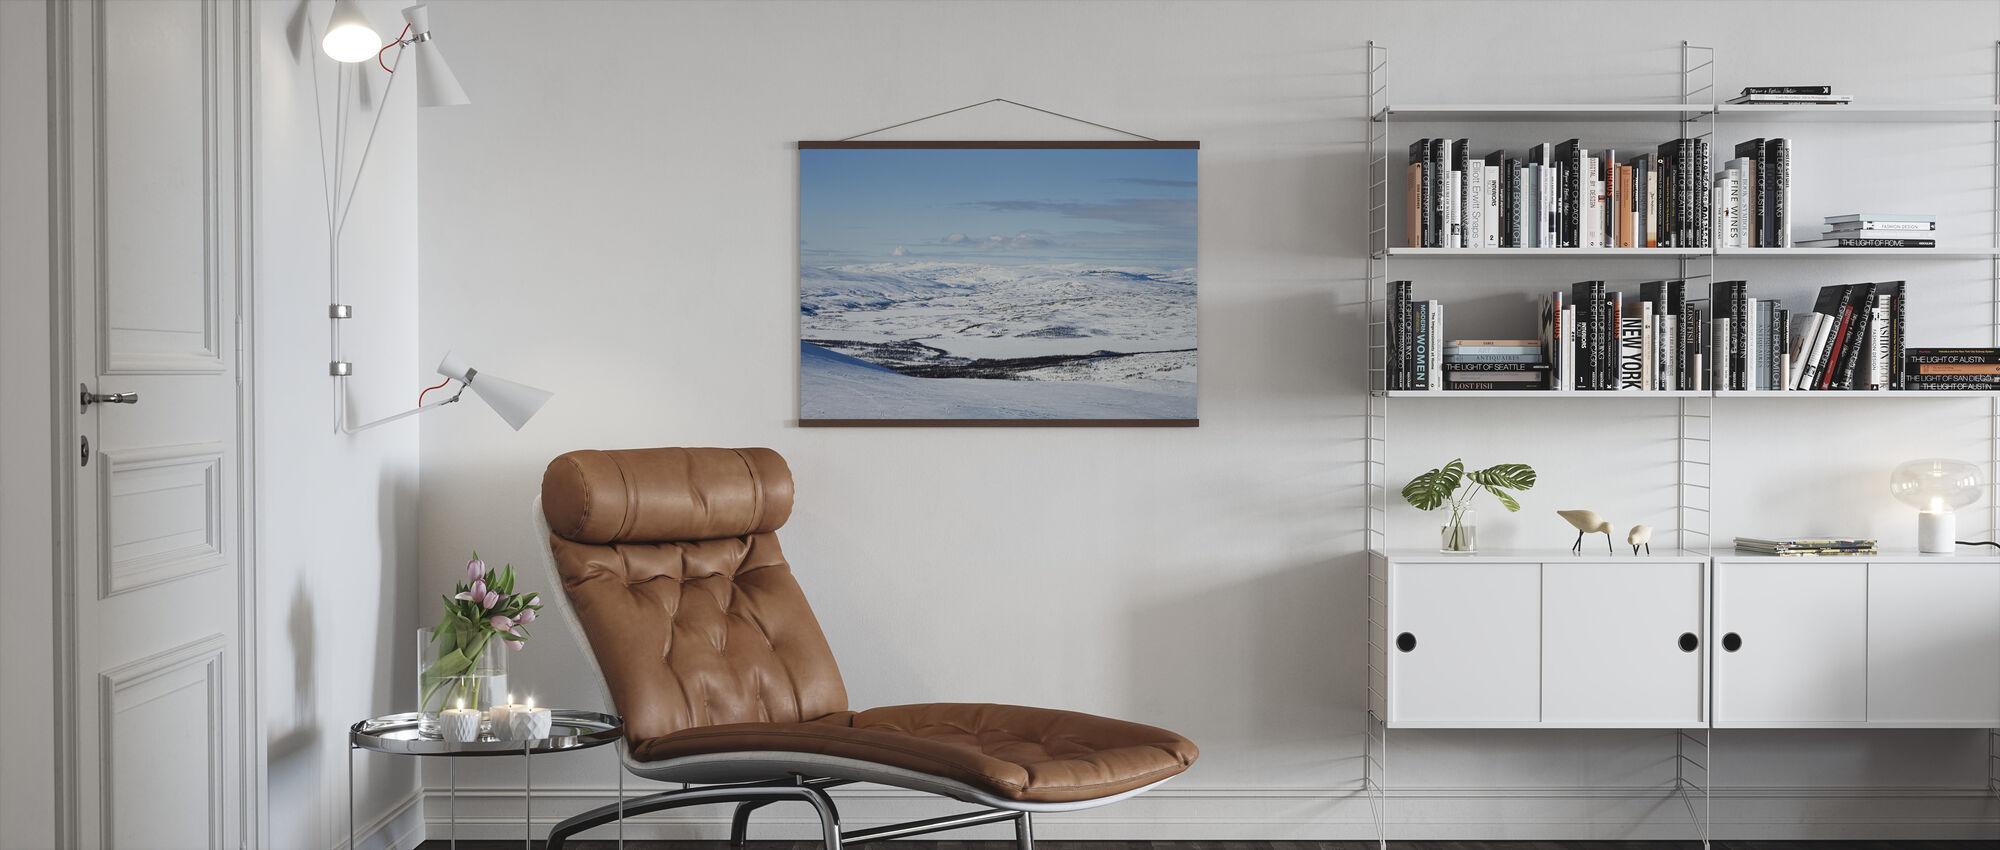 Snowy Landscape of Jämtland, Sweden - Poster - Living Room